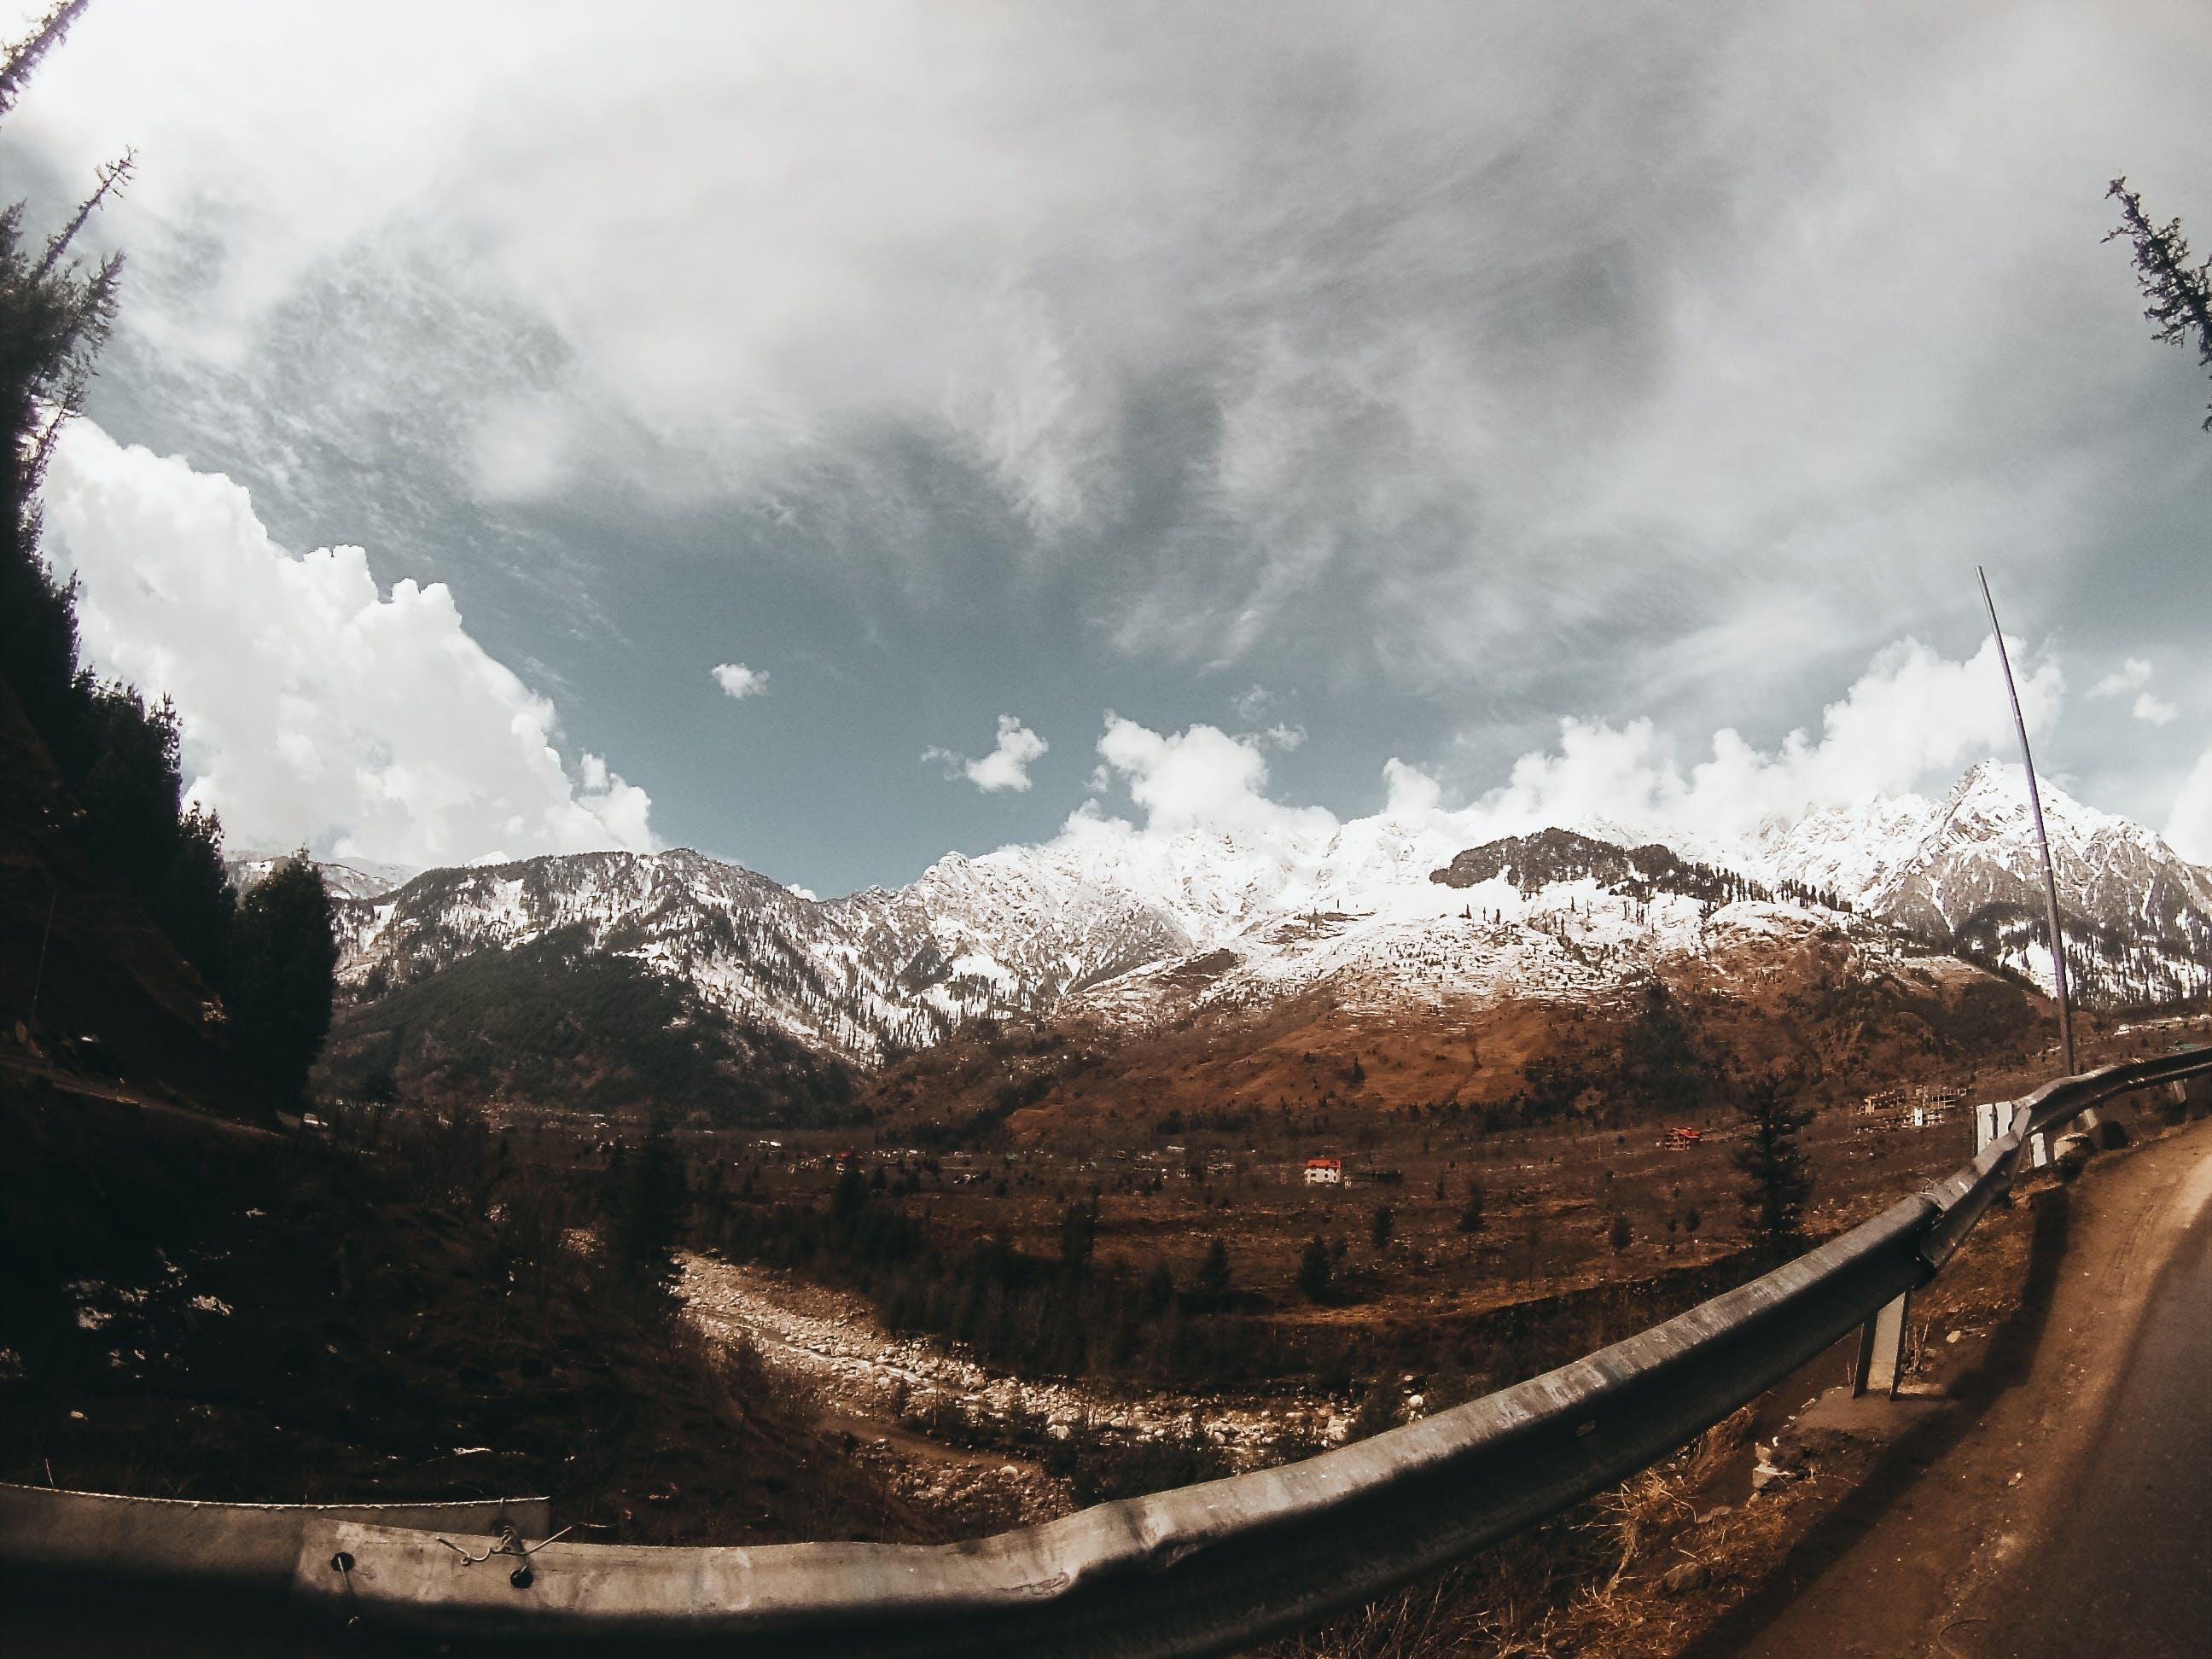 コールド, 冒険, 山, 広角撮影の無料の写真素材